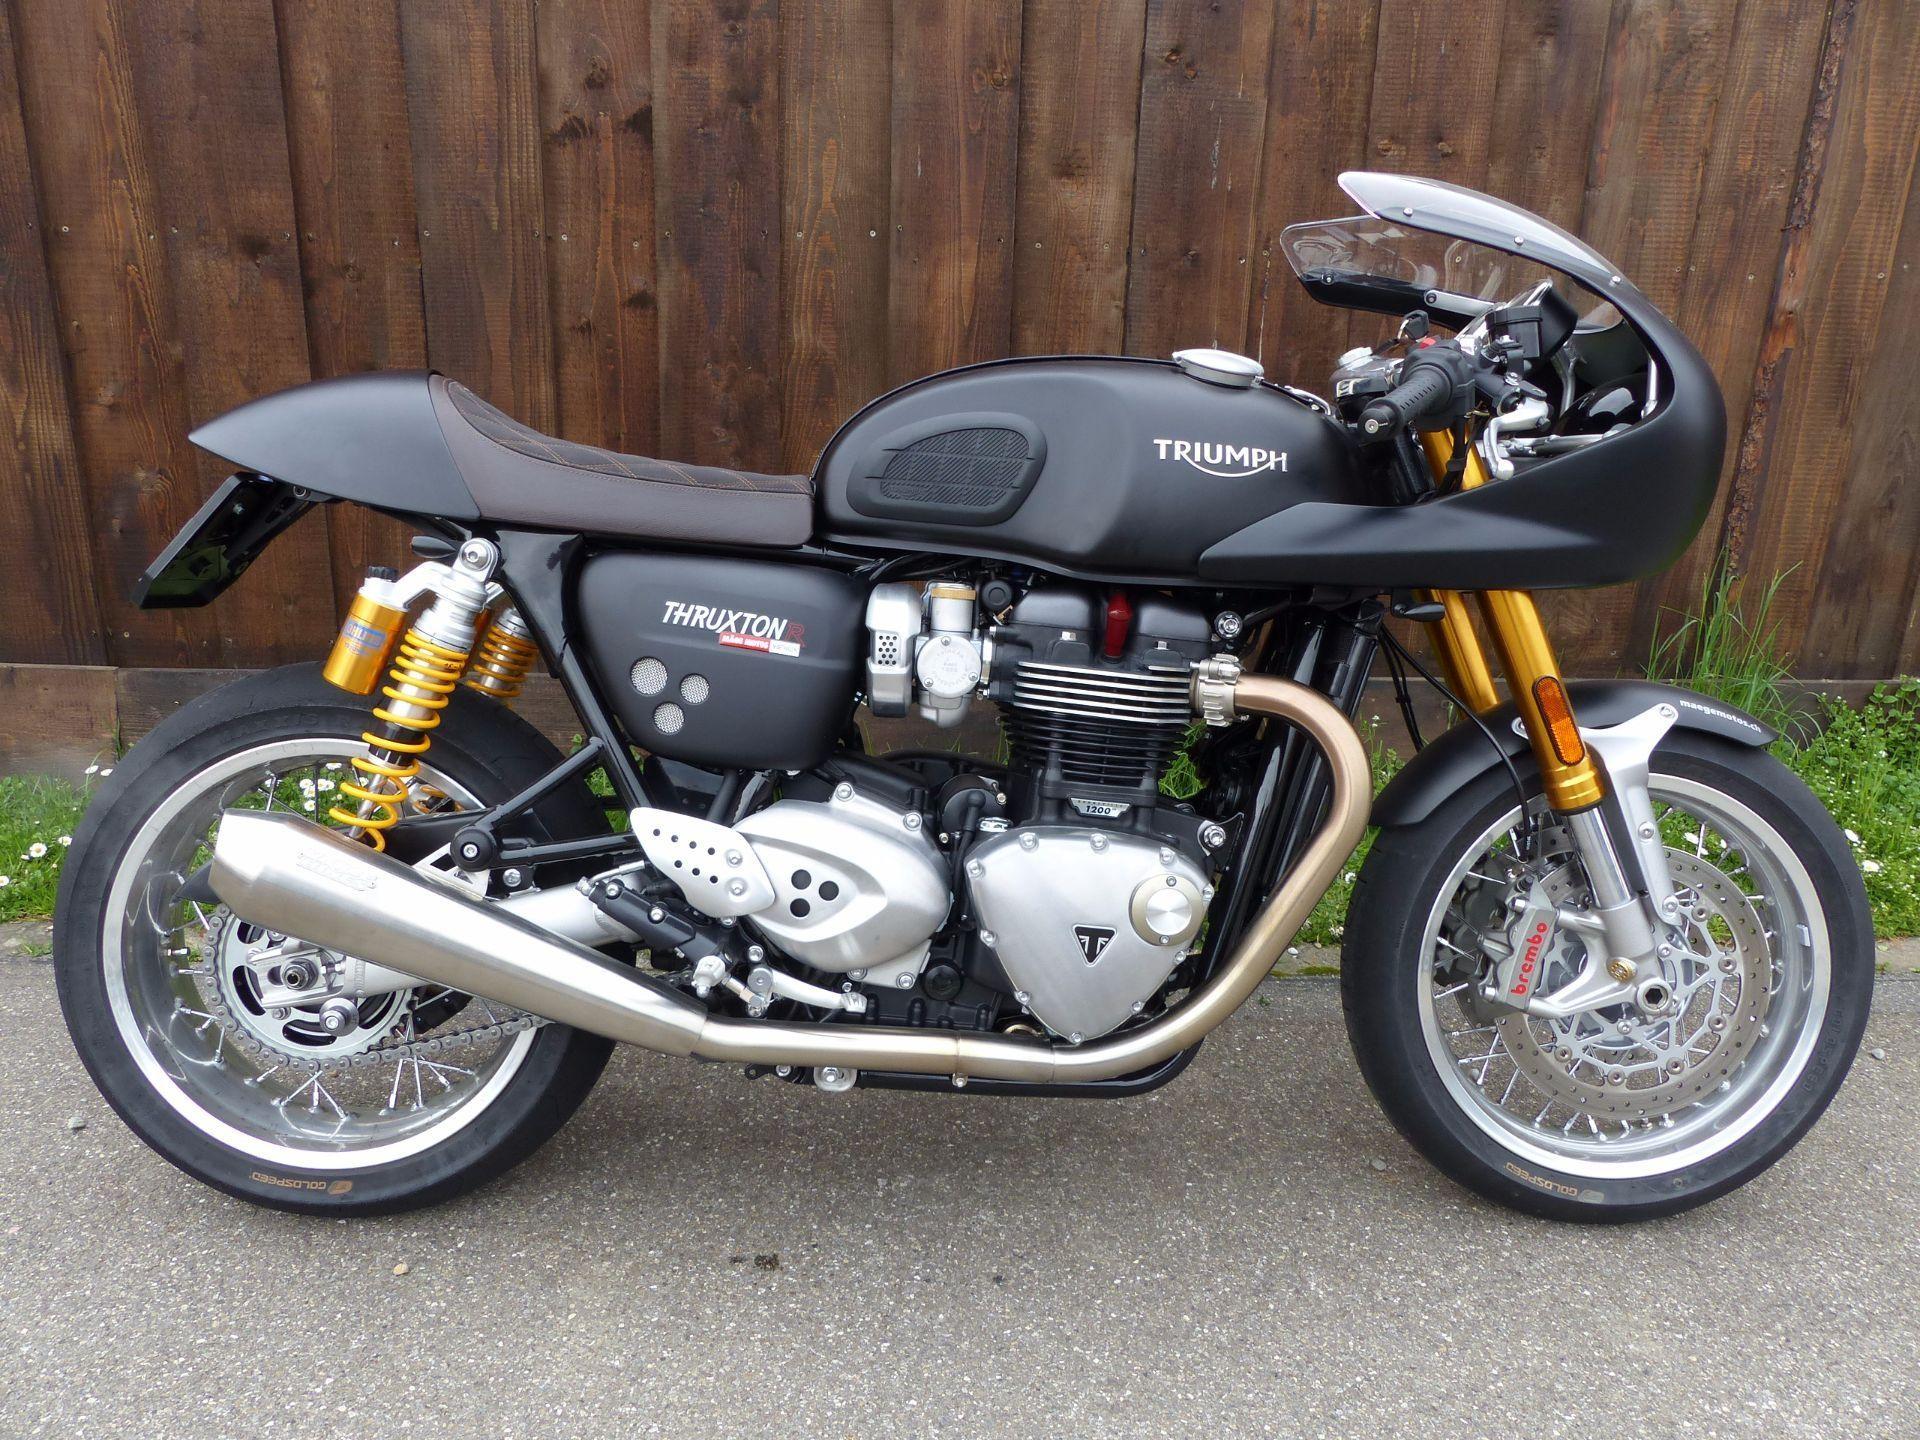 motorrad neufahrzeug kaufen triumph thruxton 1200 r abs track racer m ge motos gmbh marthalen. Black Bedroom Furniture Sets. Home Design Ideas